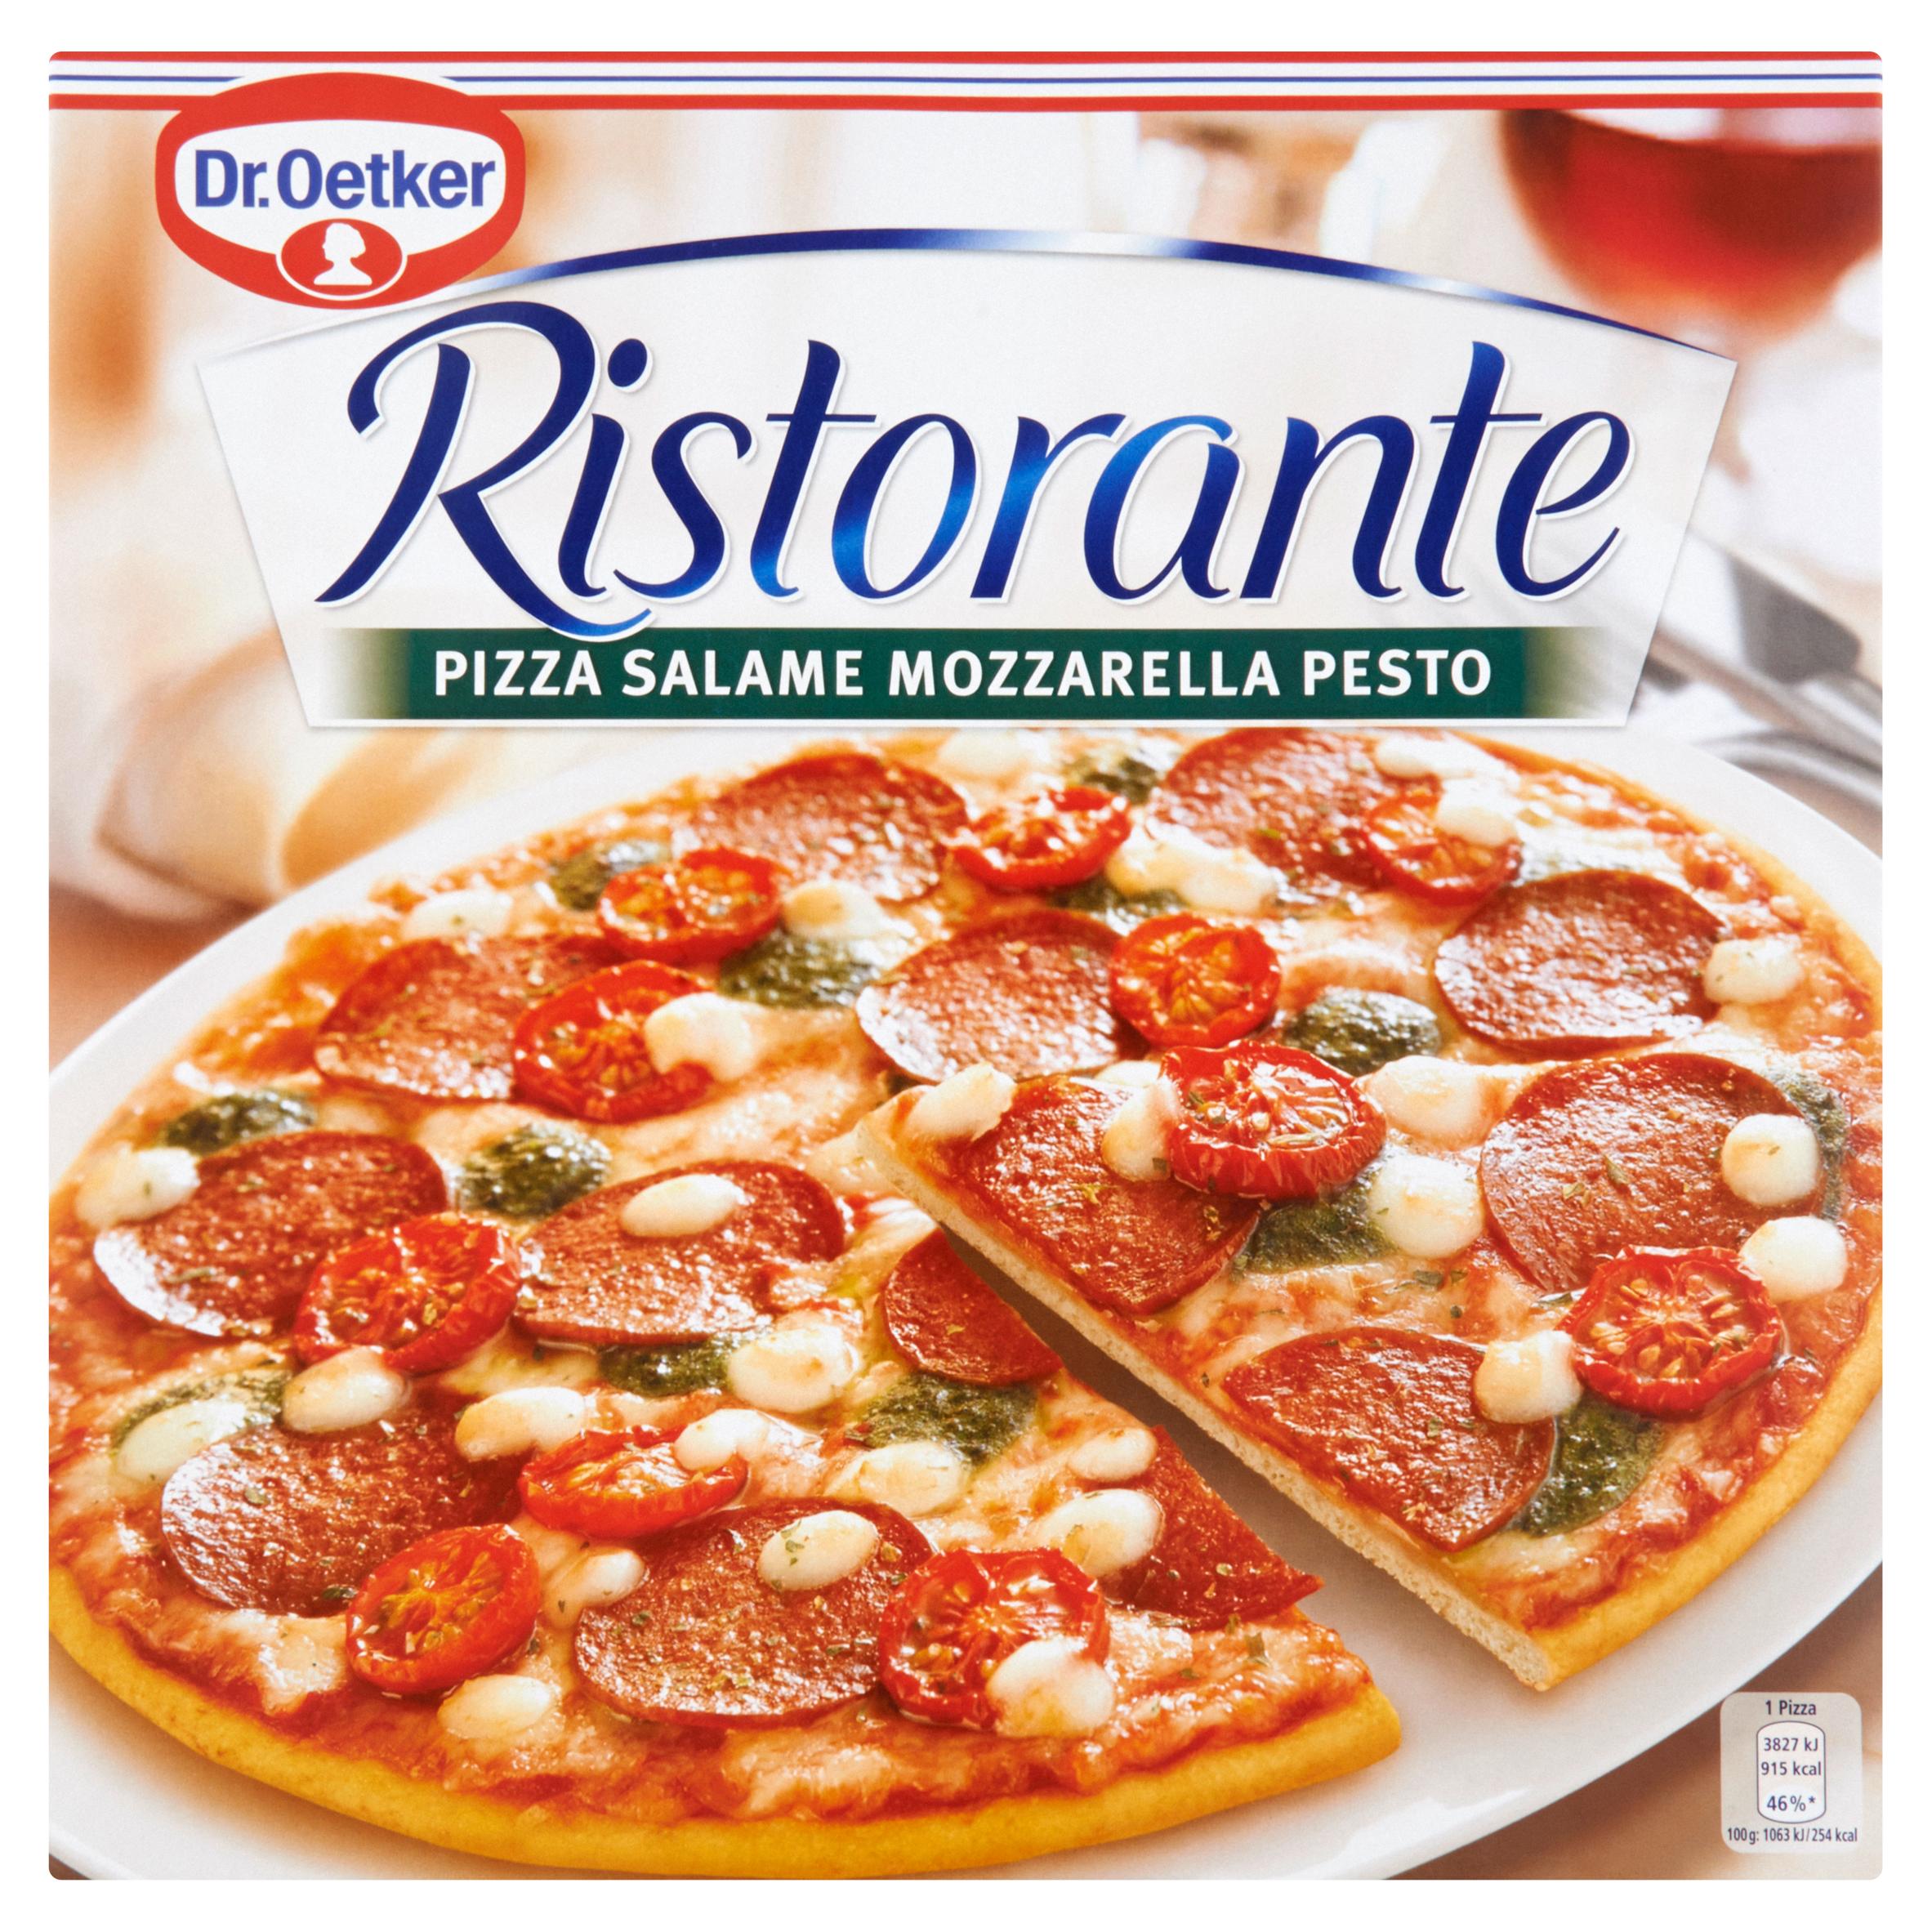 Dr. Oetker Ristorante Pizza Salame Mozzarella Pesto 360 g